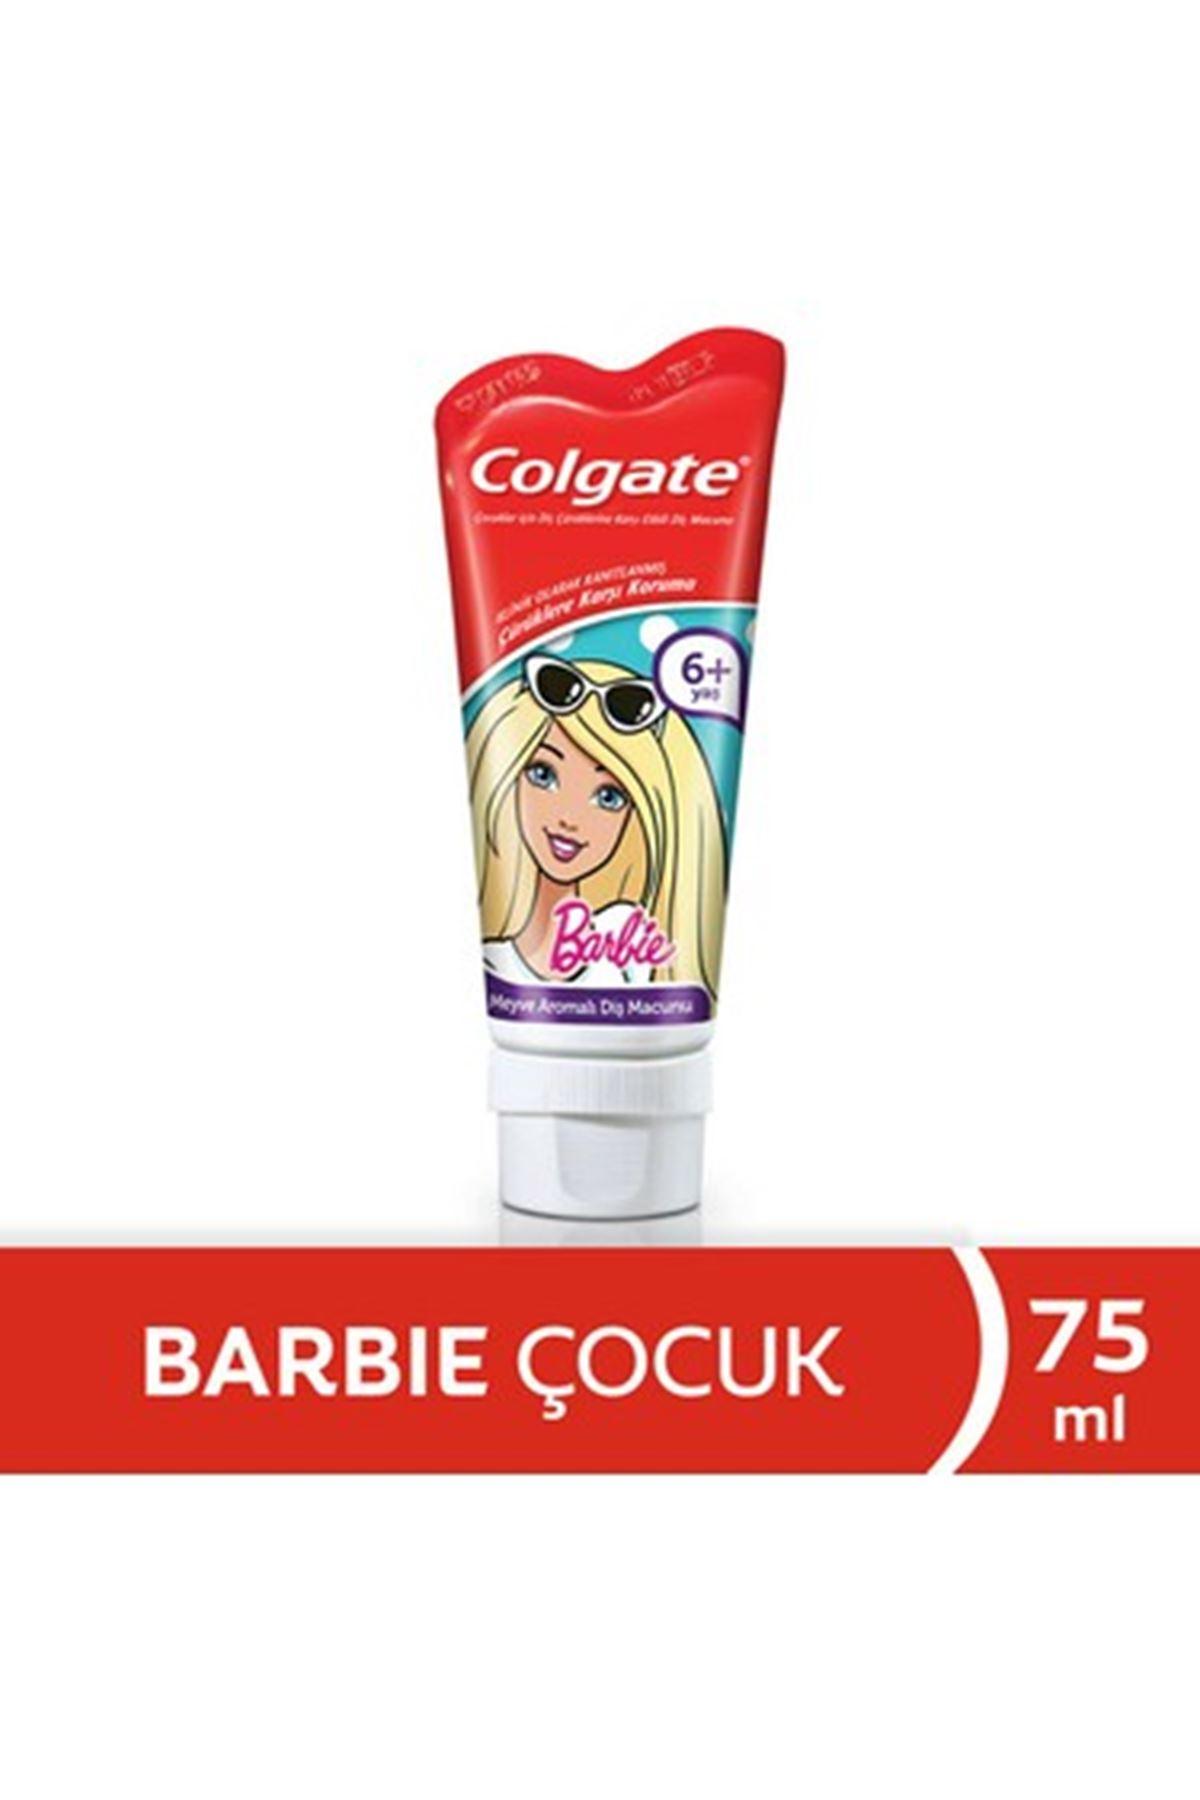 Colgate Barbie Çocuk Diş Macunu 75 Ml 6+ Yaş